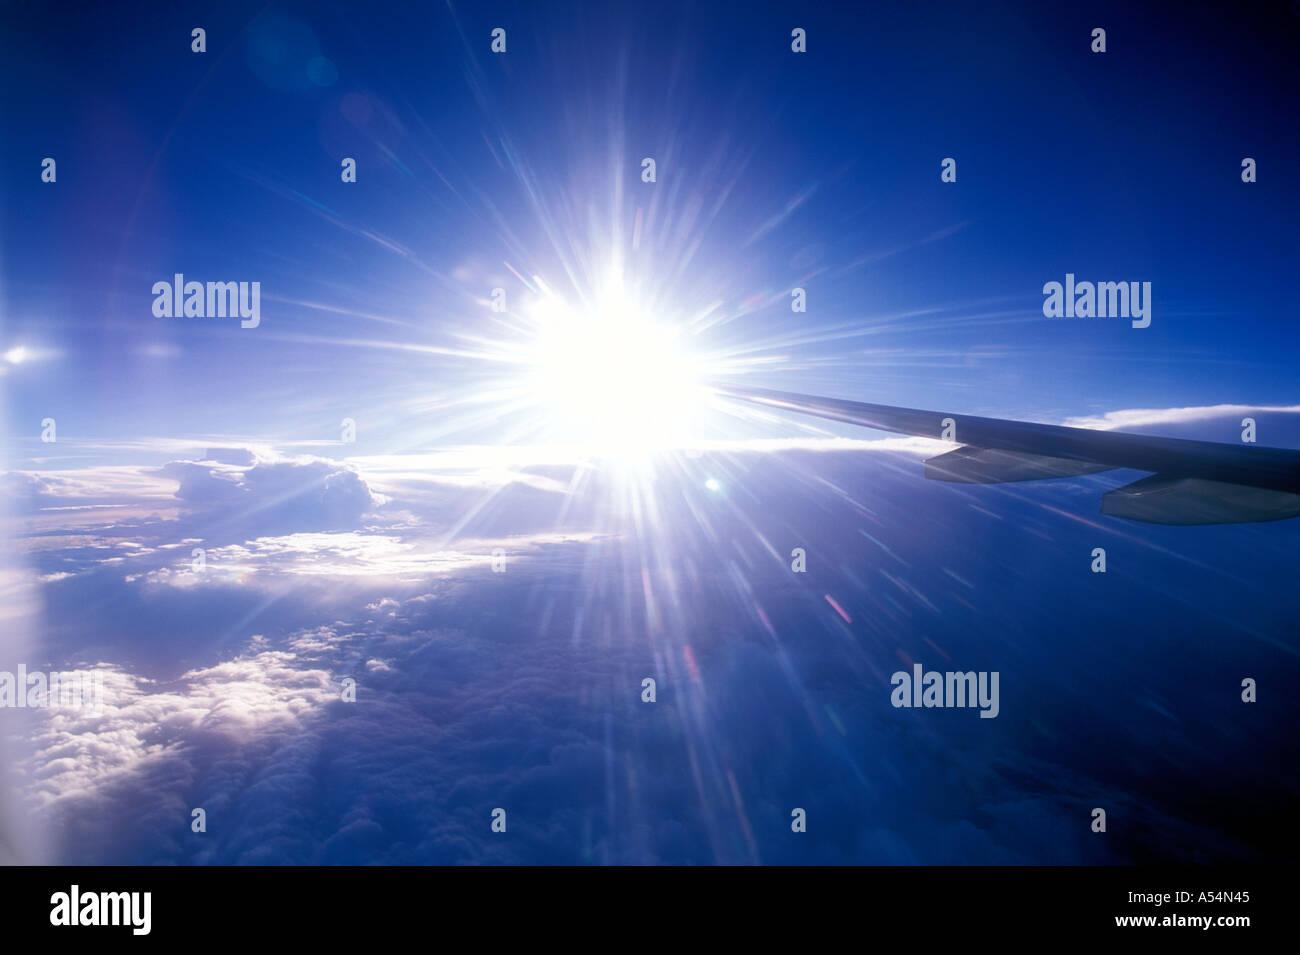 Vista de ala de avión y el cielo fuera de la ventana de avión Imagen De Stock